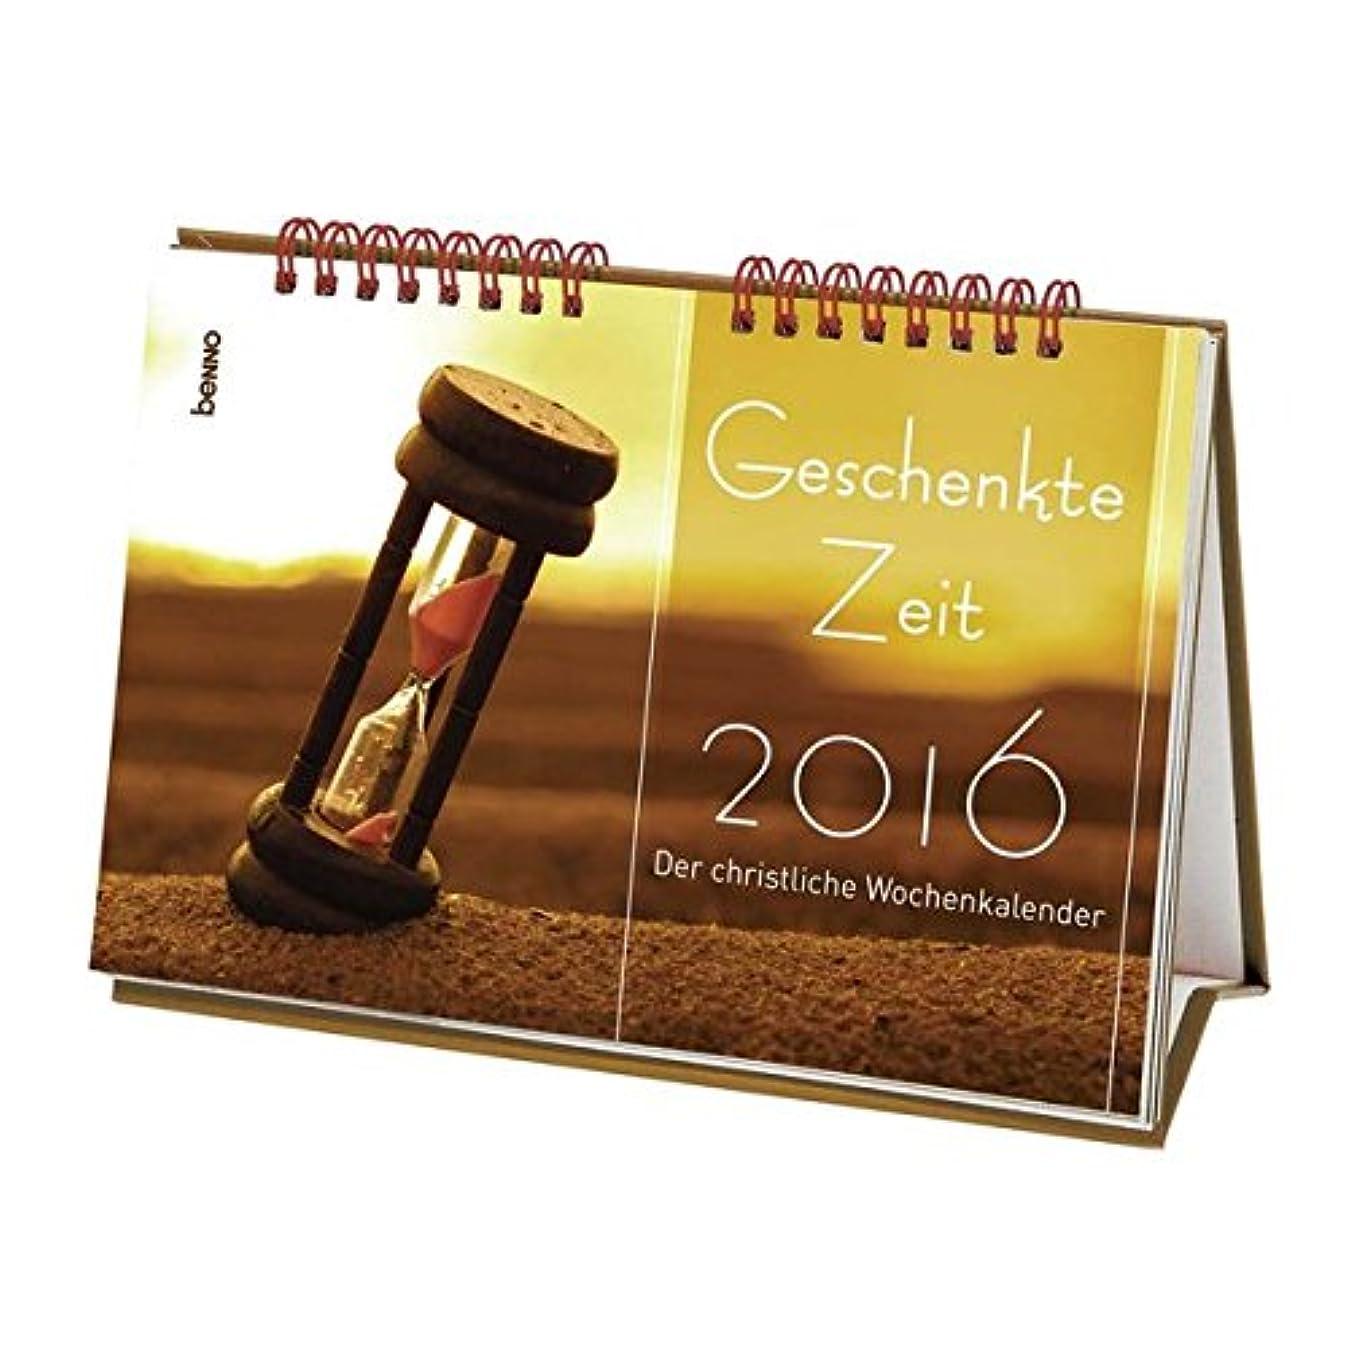 ブラジャー絶望的な受信Geschenkte Zeit 2016: Der christliche Wochenkalender